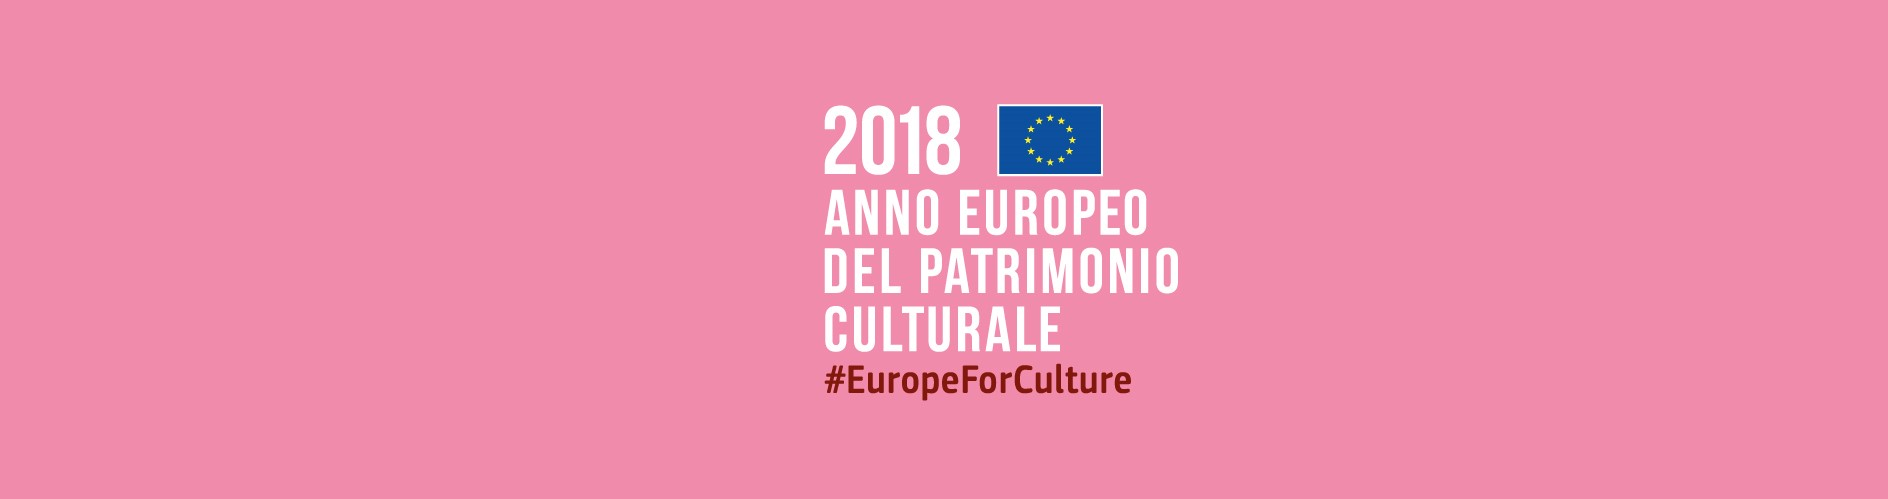 Anno_Europeo_del_Patrimonio_Culturale